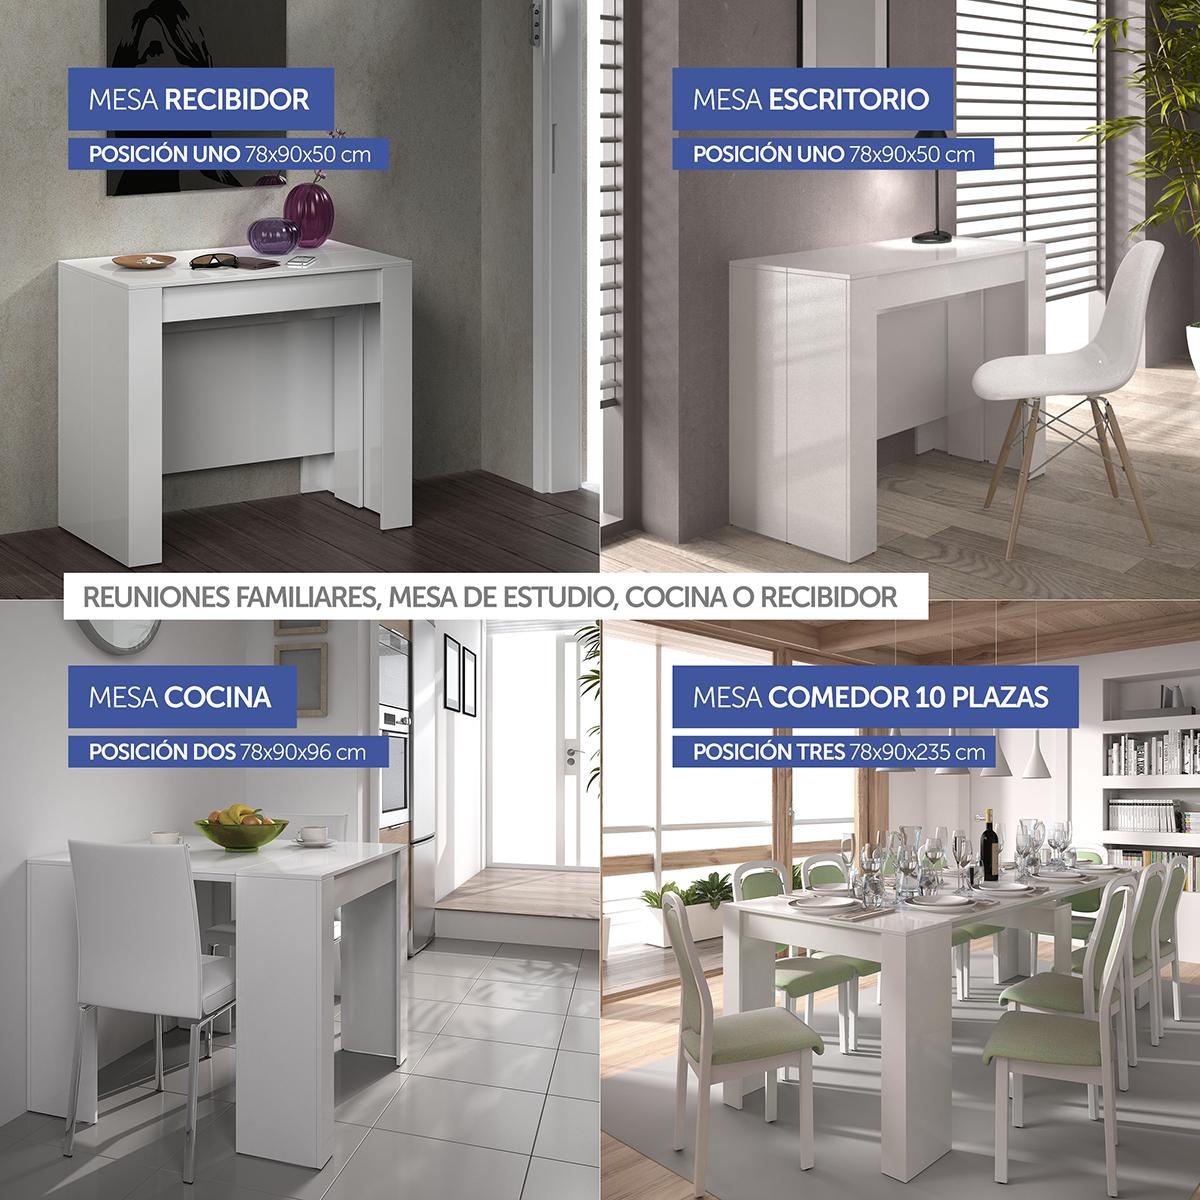 Mesa de comedor consola extensible mesa cocina mesa for Mesas salon plegables diseno